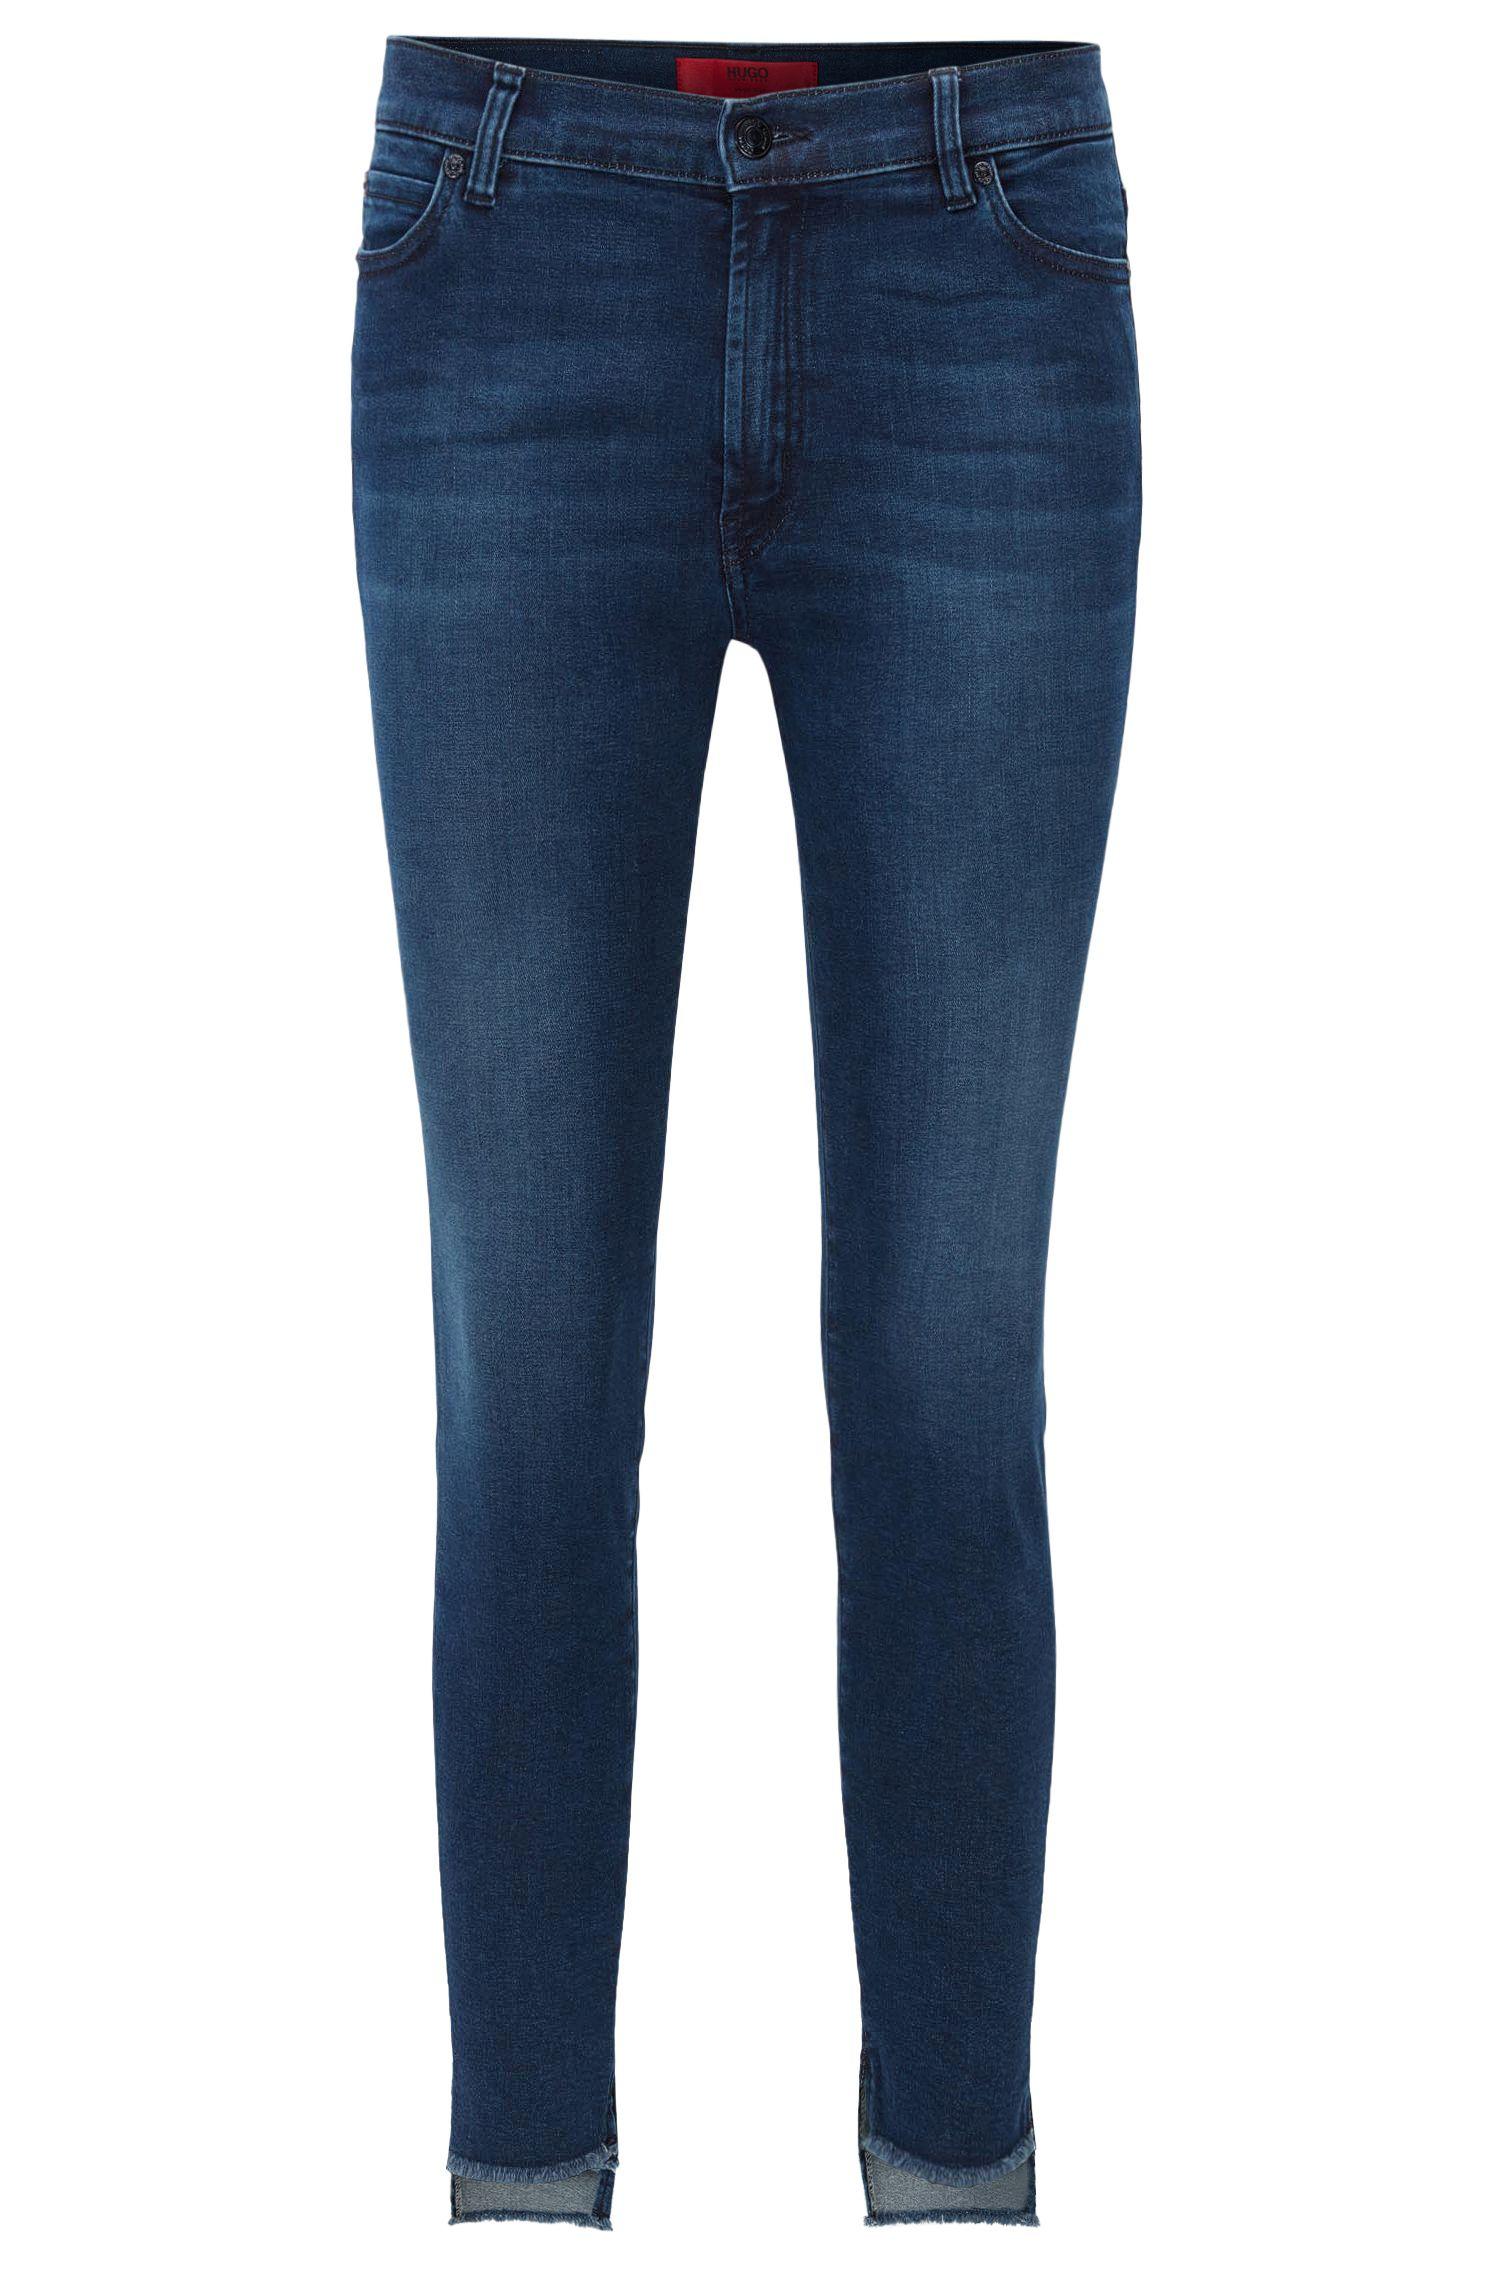 Jeans Extra Slim Fit super stretch, à la finition asymétrique au bas des jambes